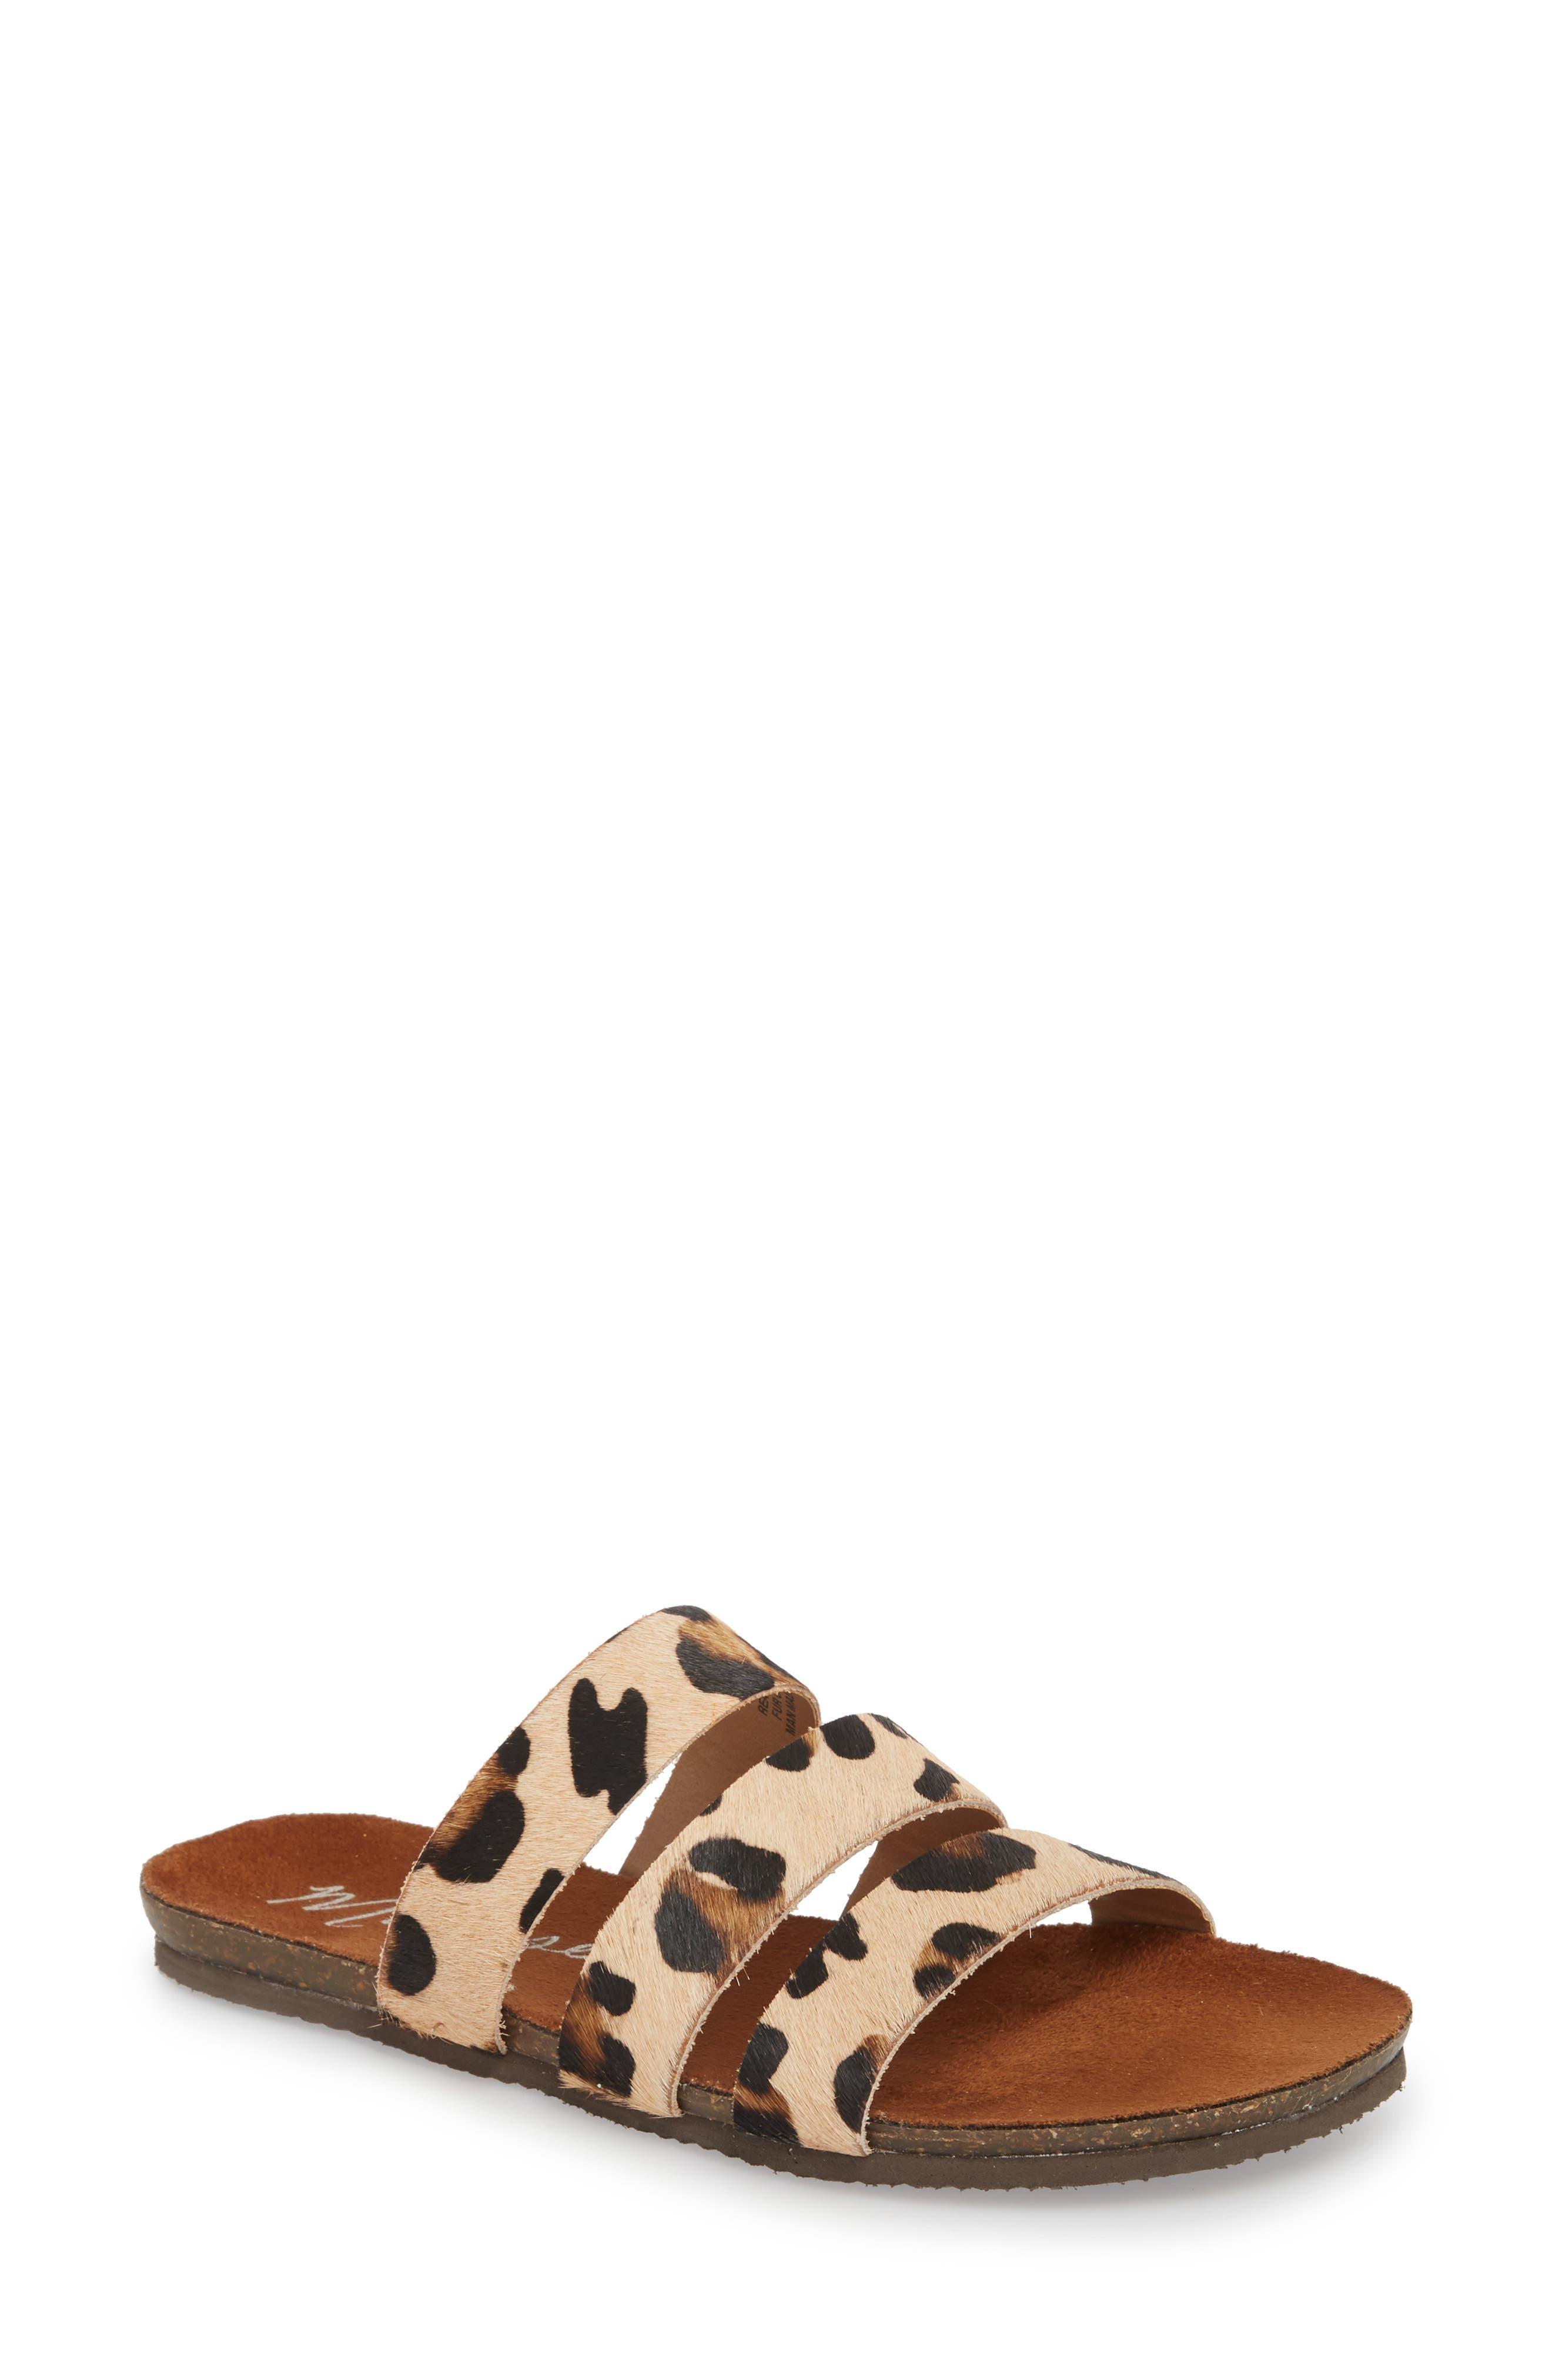 Florence Slide Sandal by Matisse